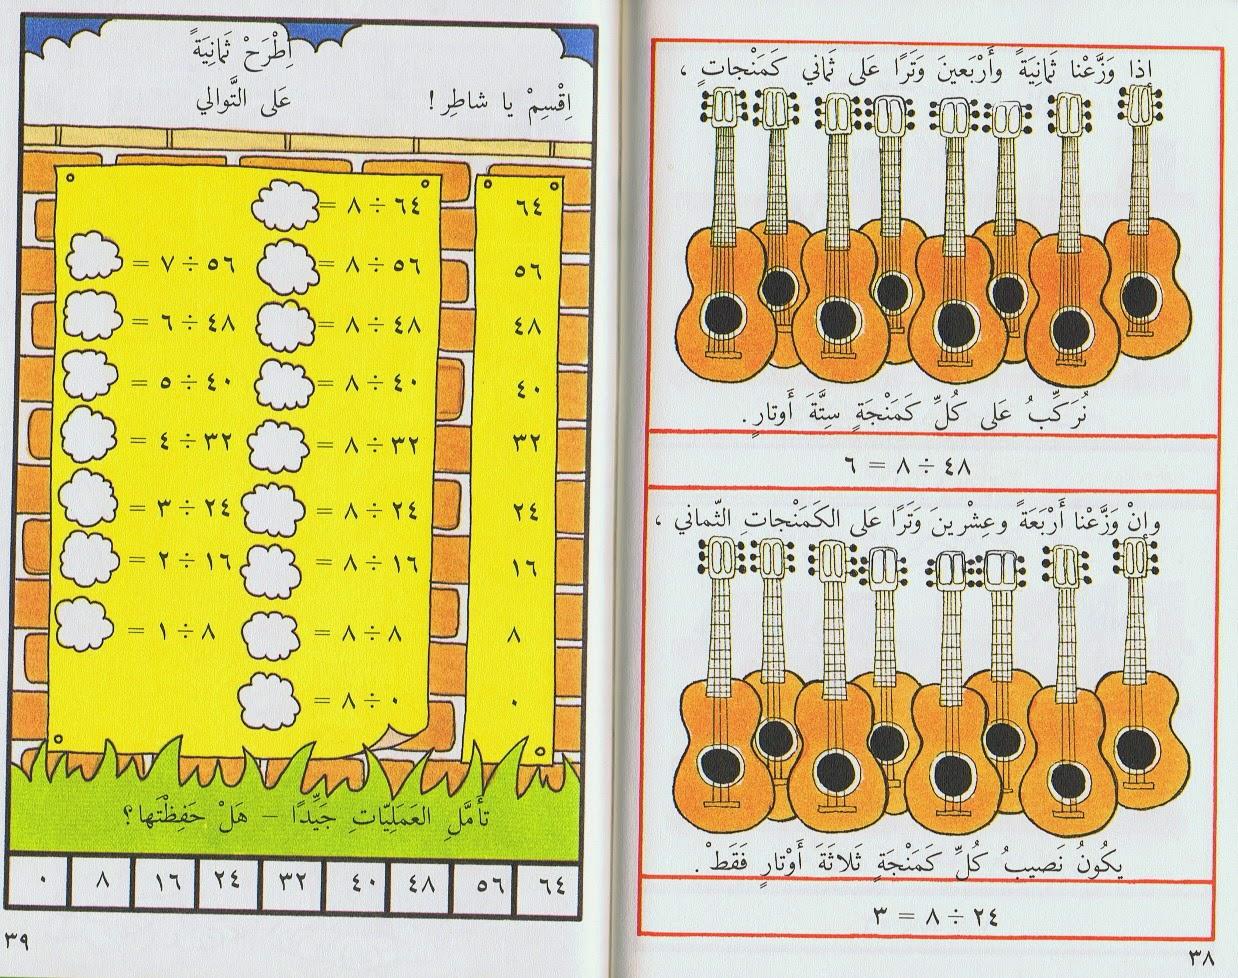 كتاب تعليم القسمة لأطفال الصف الثالث بالألوان الطبيعية 2015 CCI05062012_00049.jp